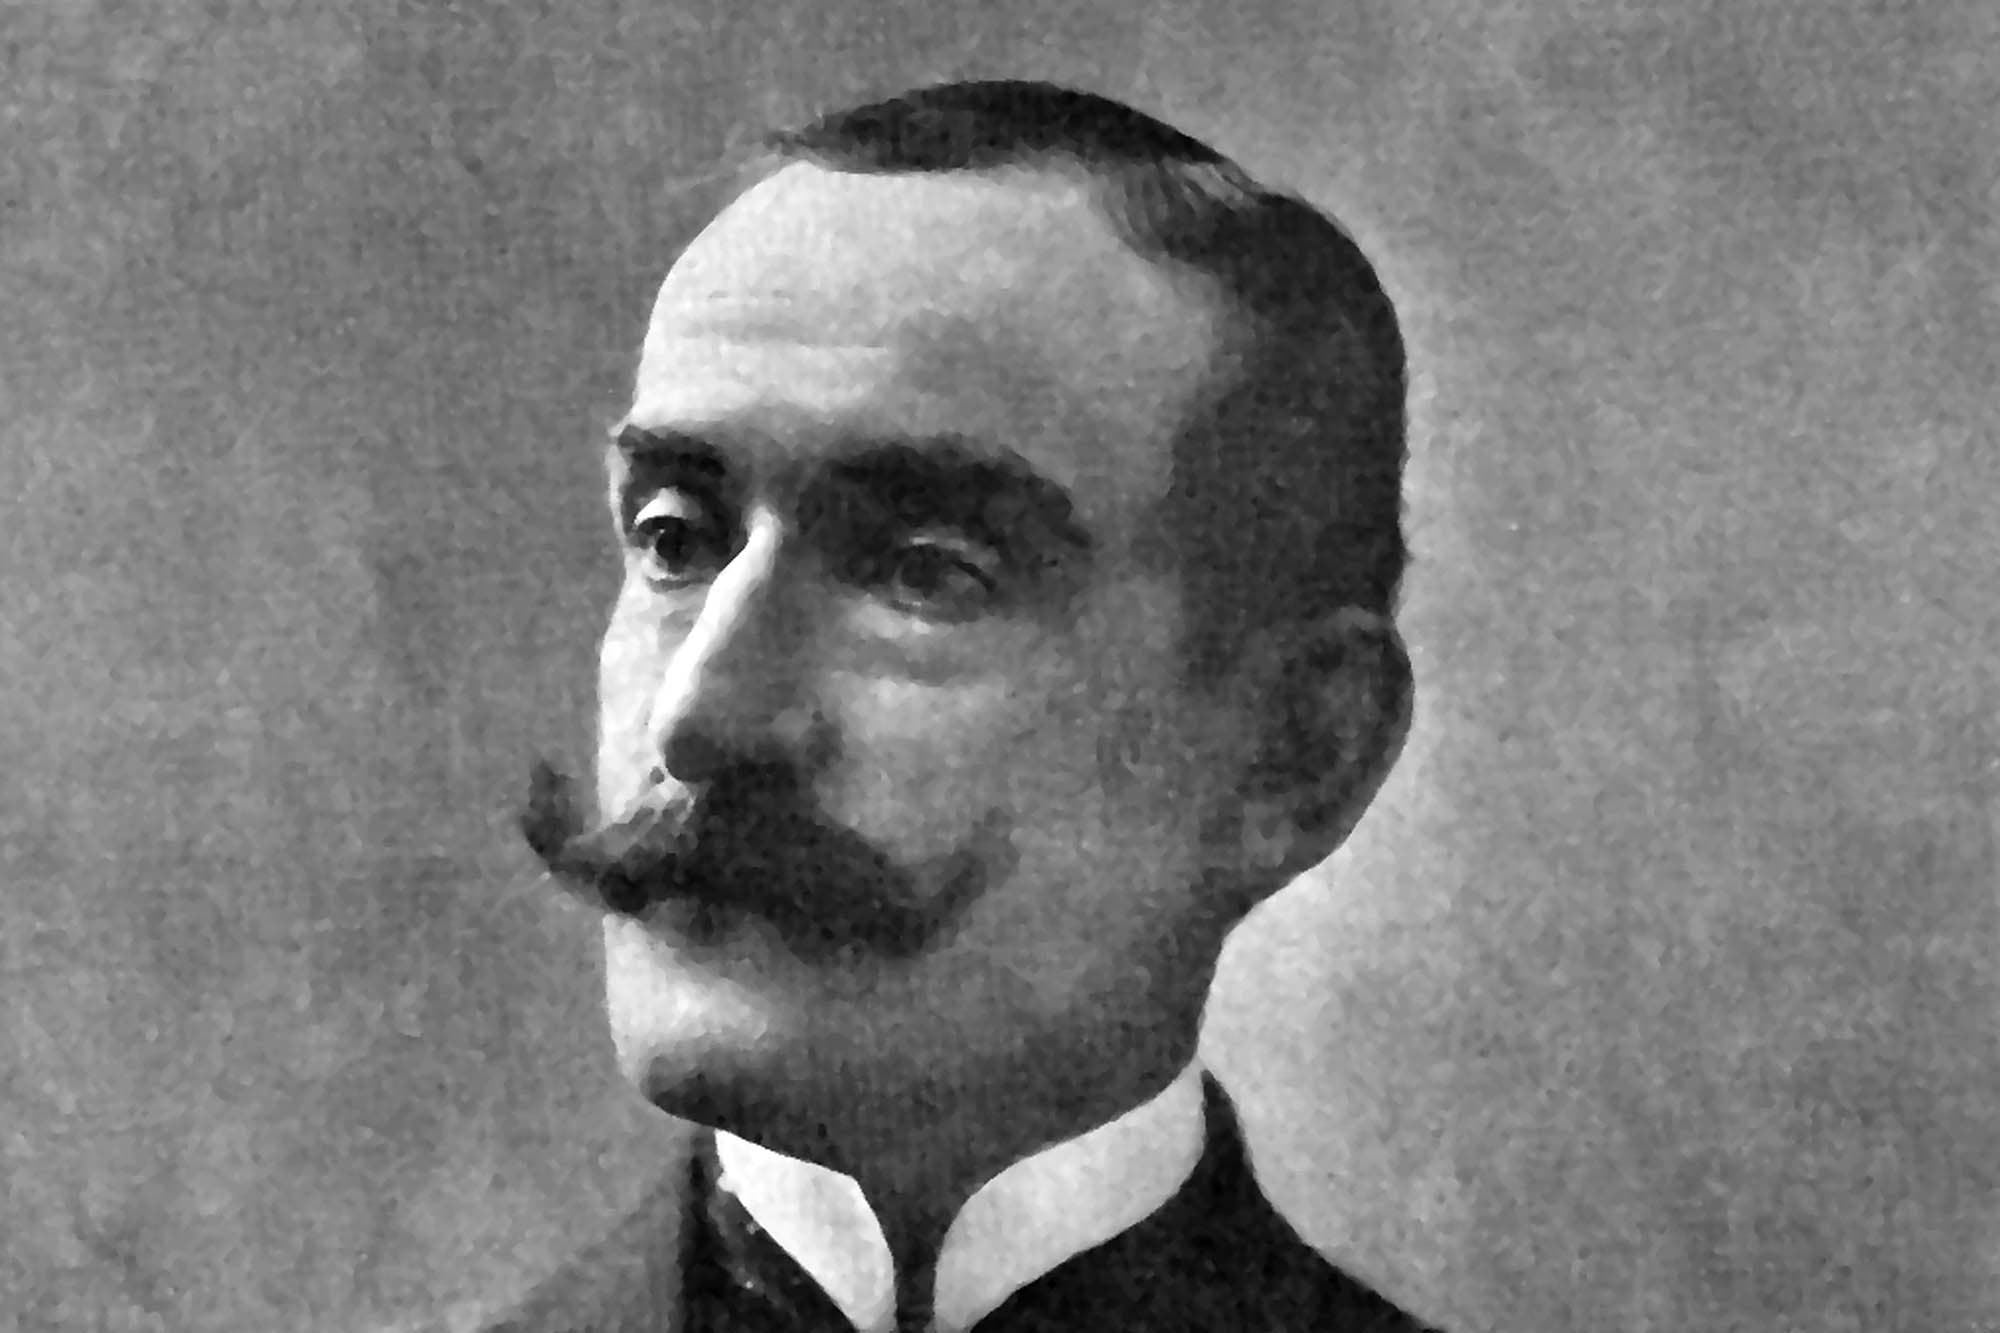 Quién era Ramón Falcón y que significó la huelga de las escobas y los inquilinos